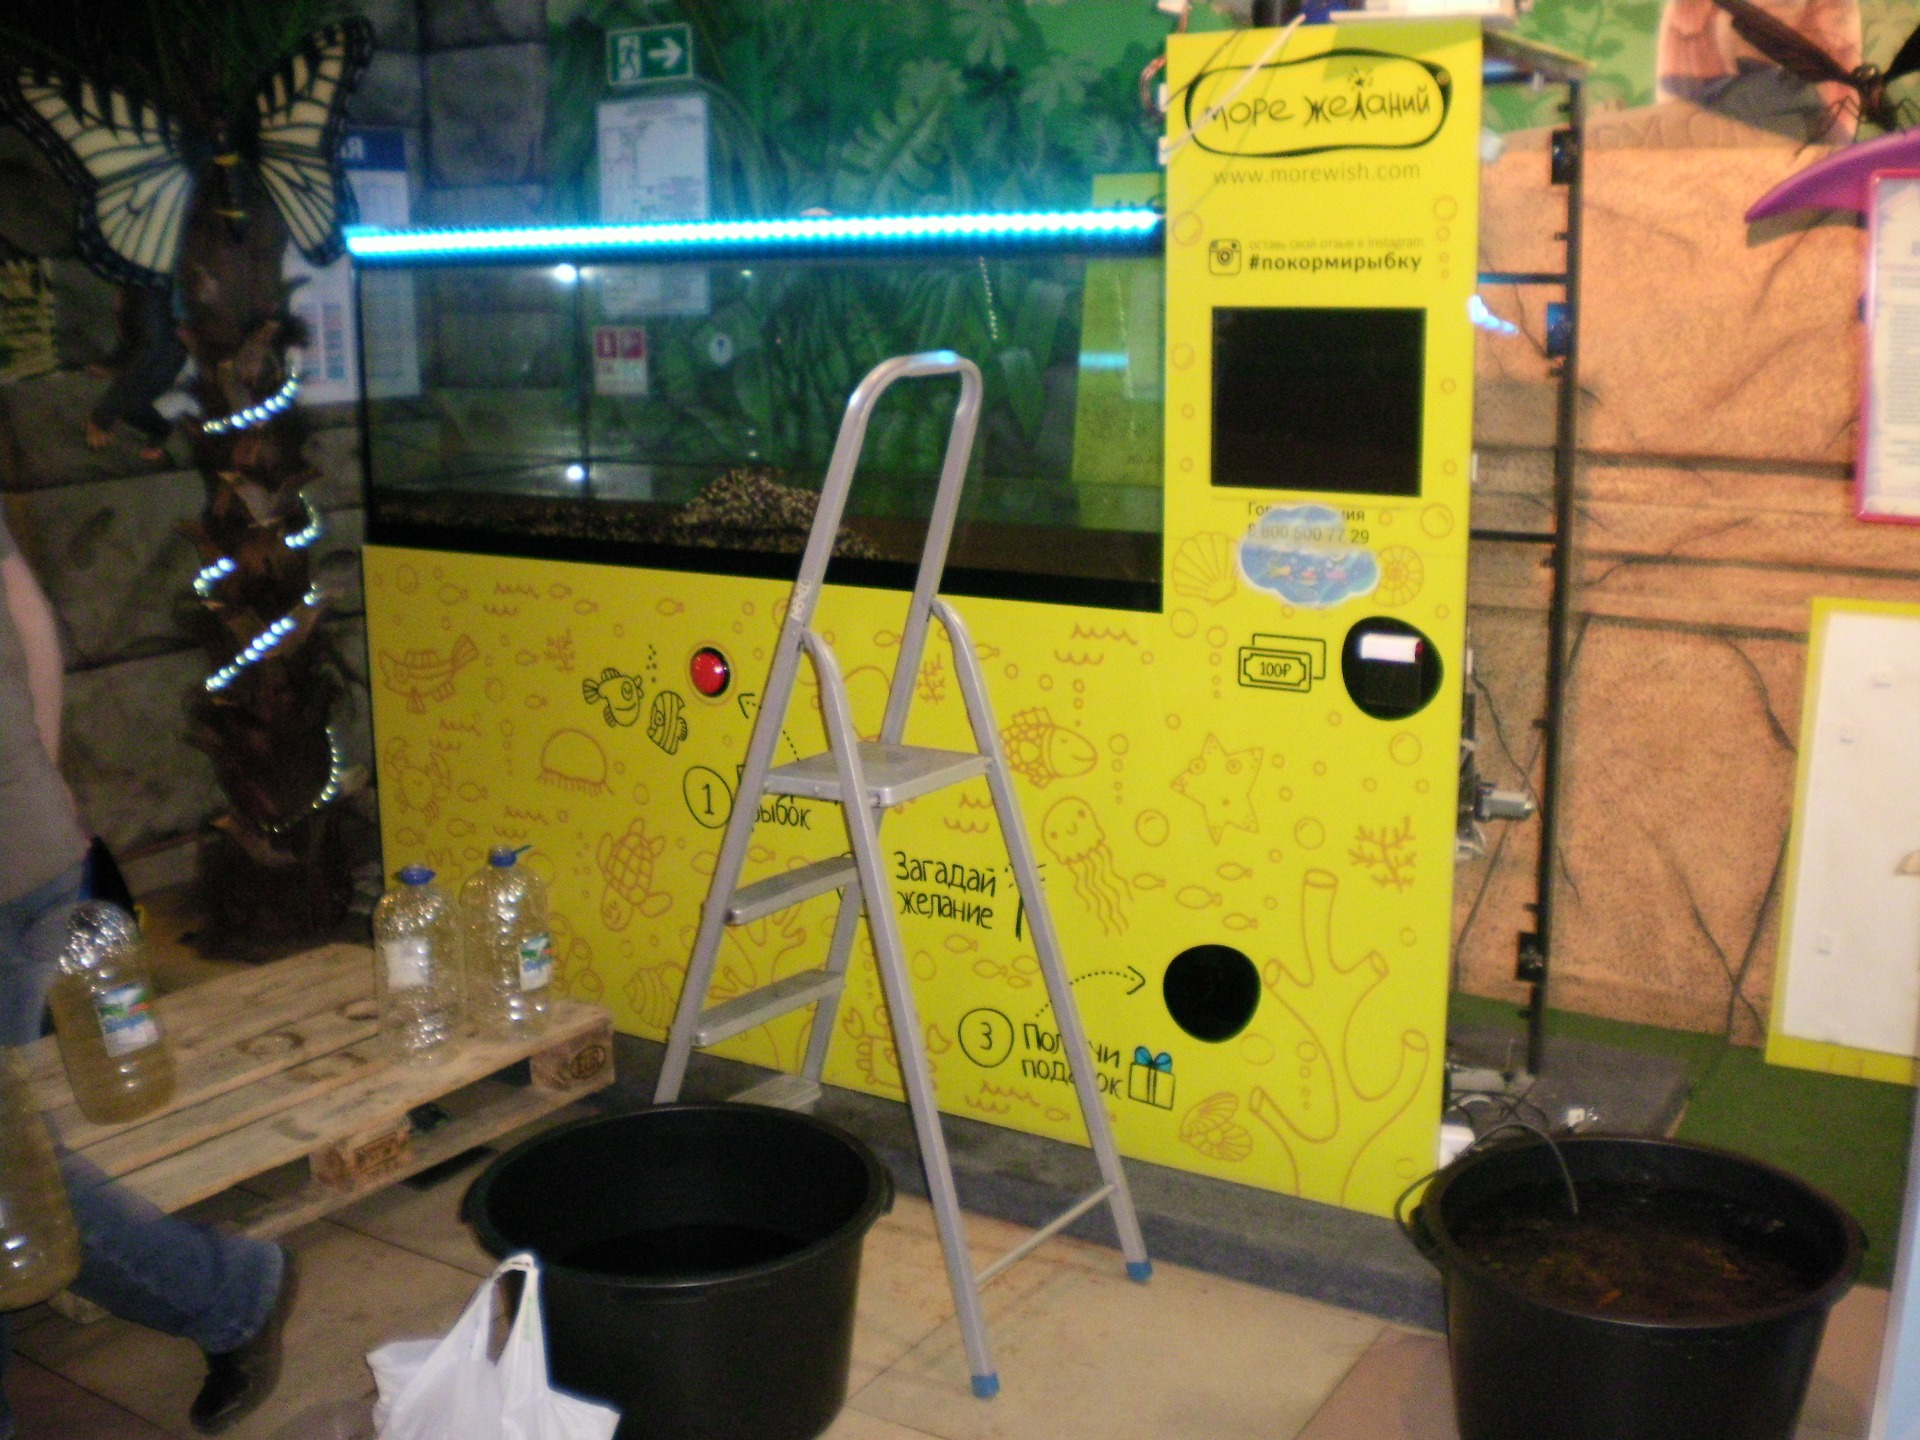 аквариум перед перевозкой